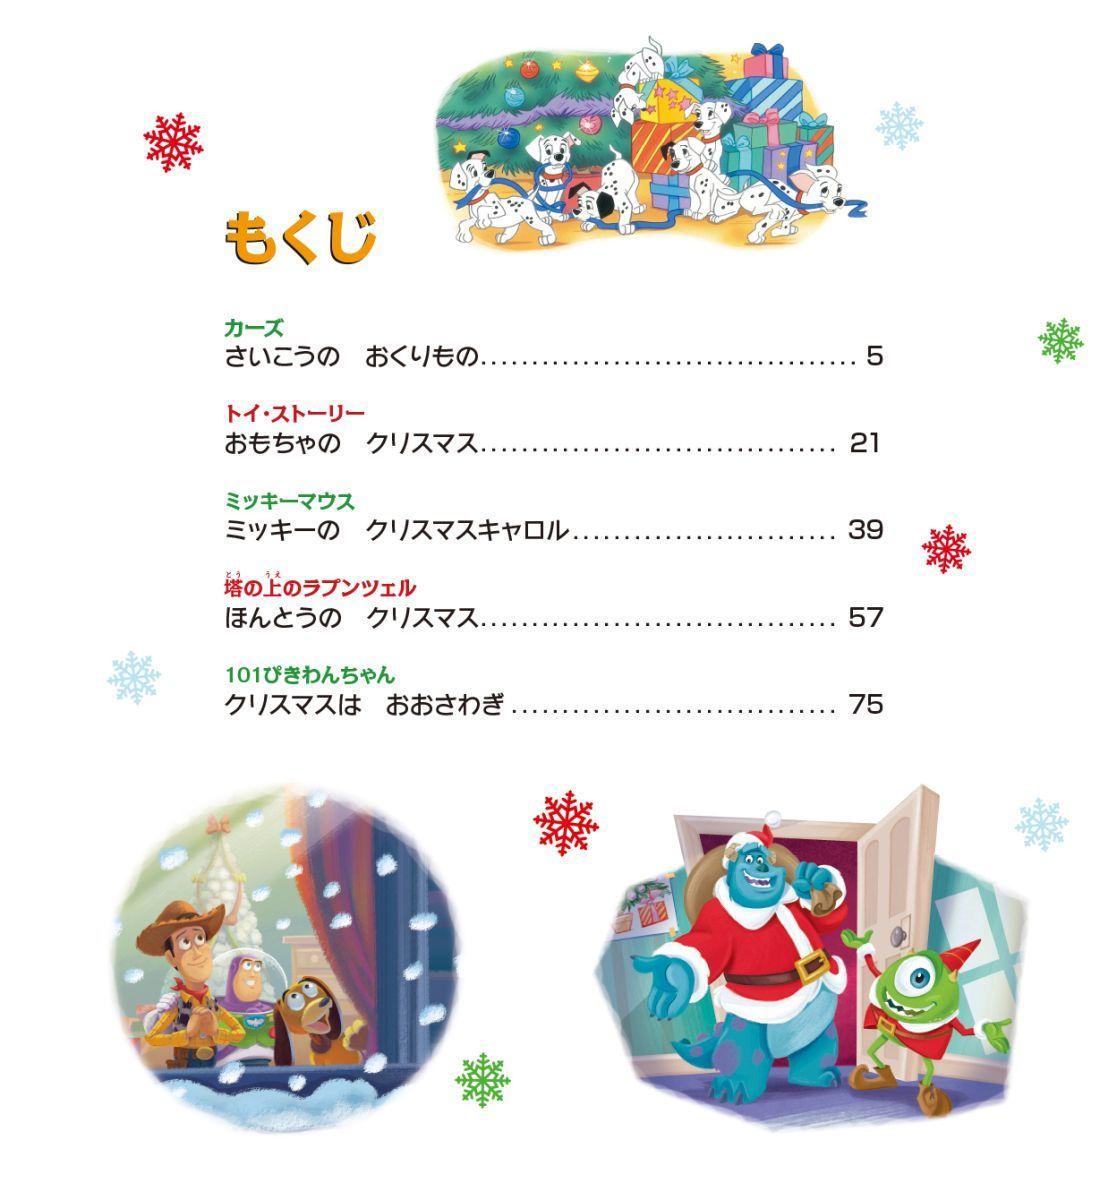 楽天ブックス: disneyクリスマスコレクション - うさぎ出版